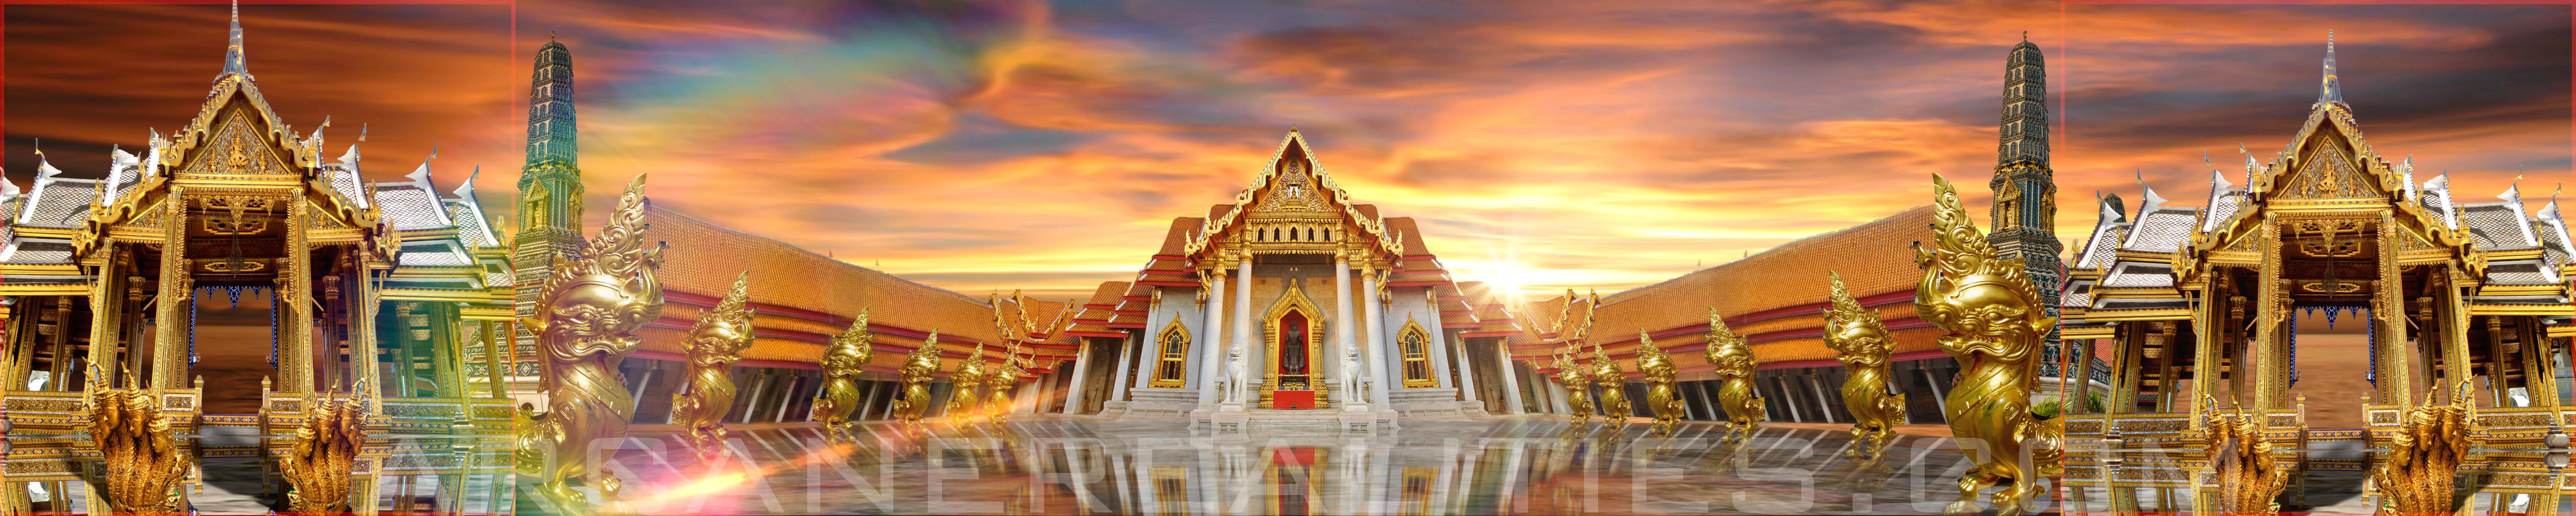 thai temple 1  main (00000).jpg